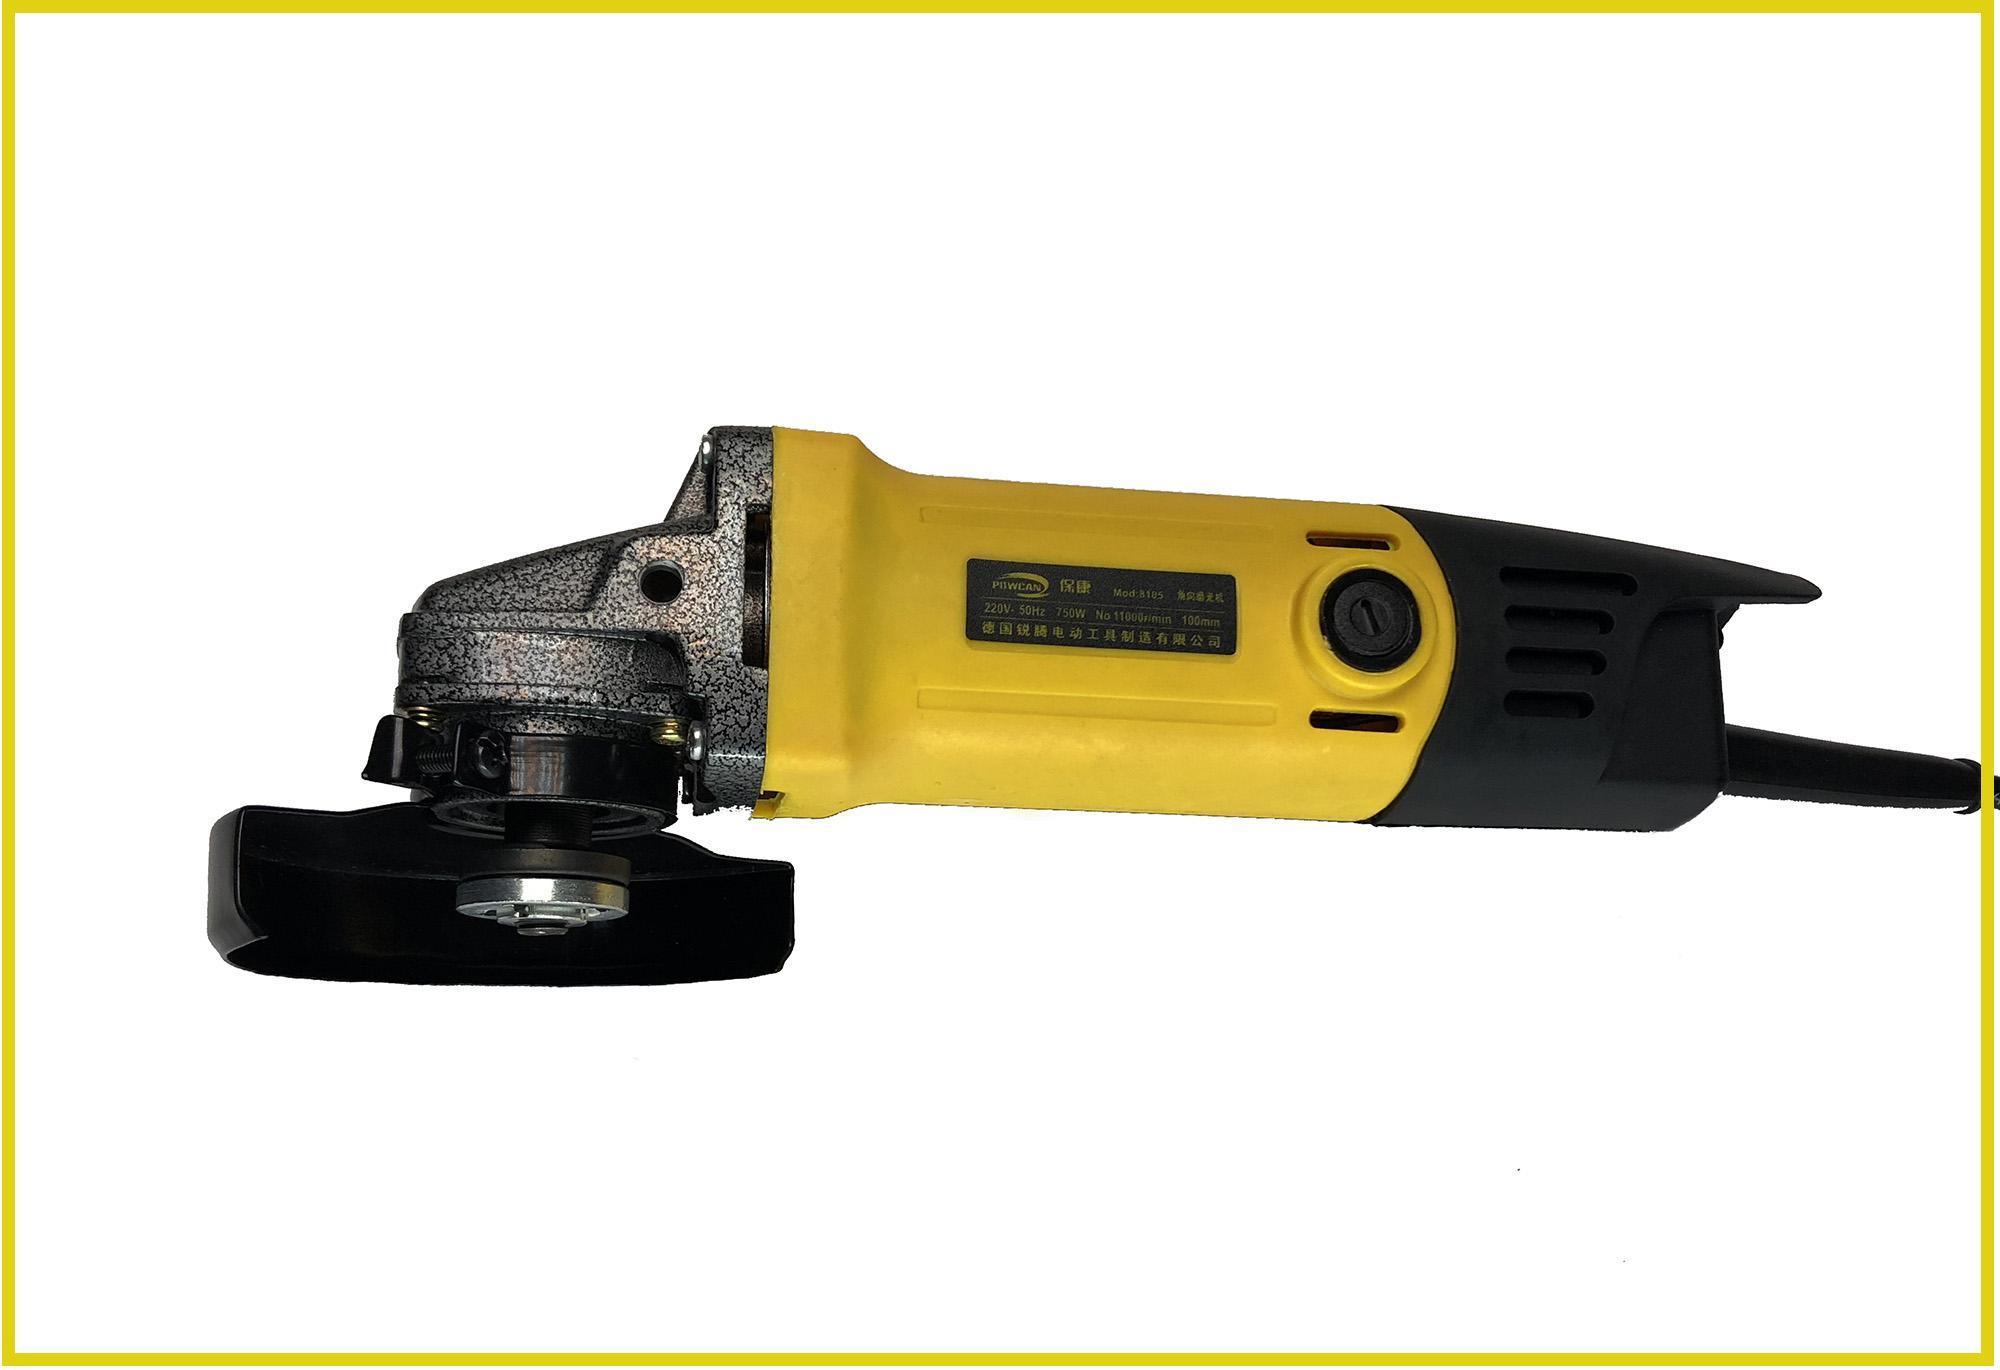 Hình ảnh Máy mài máy cắt cầm tay Powcan 750W - Tặng 2 lưỡi cắt + 2 chổi than